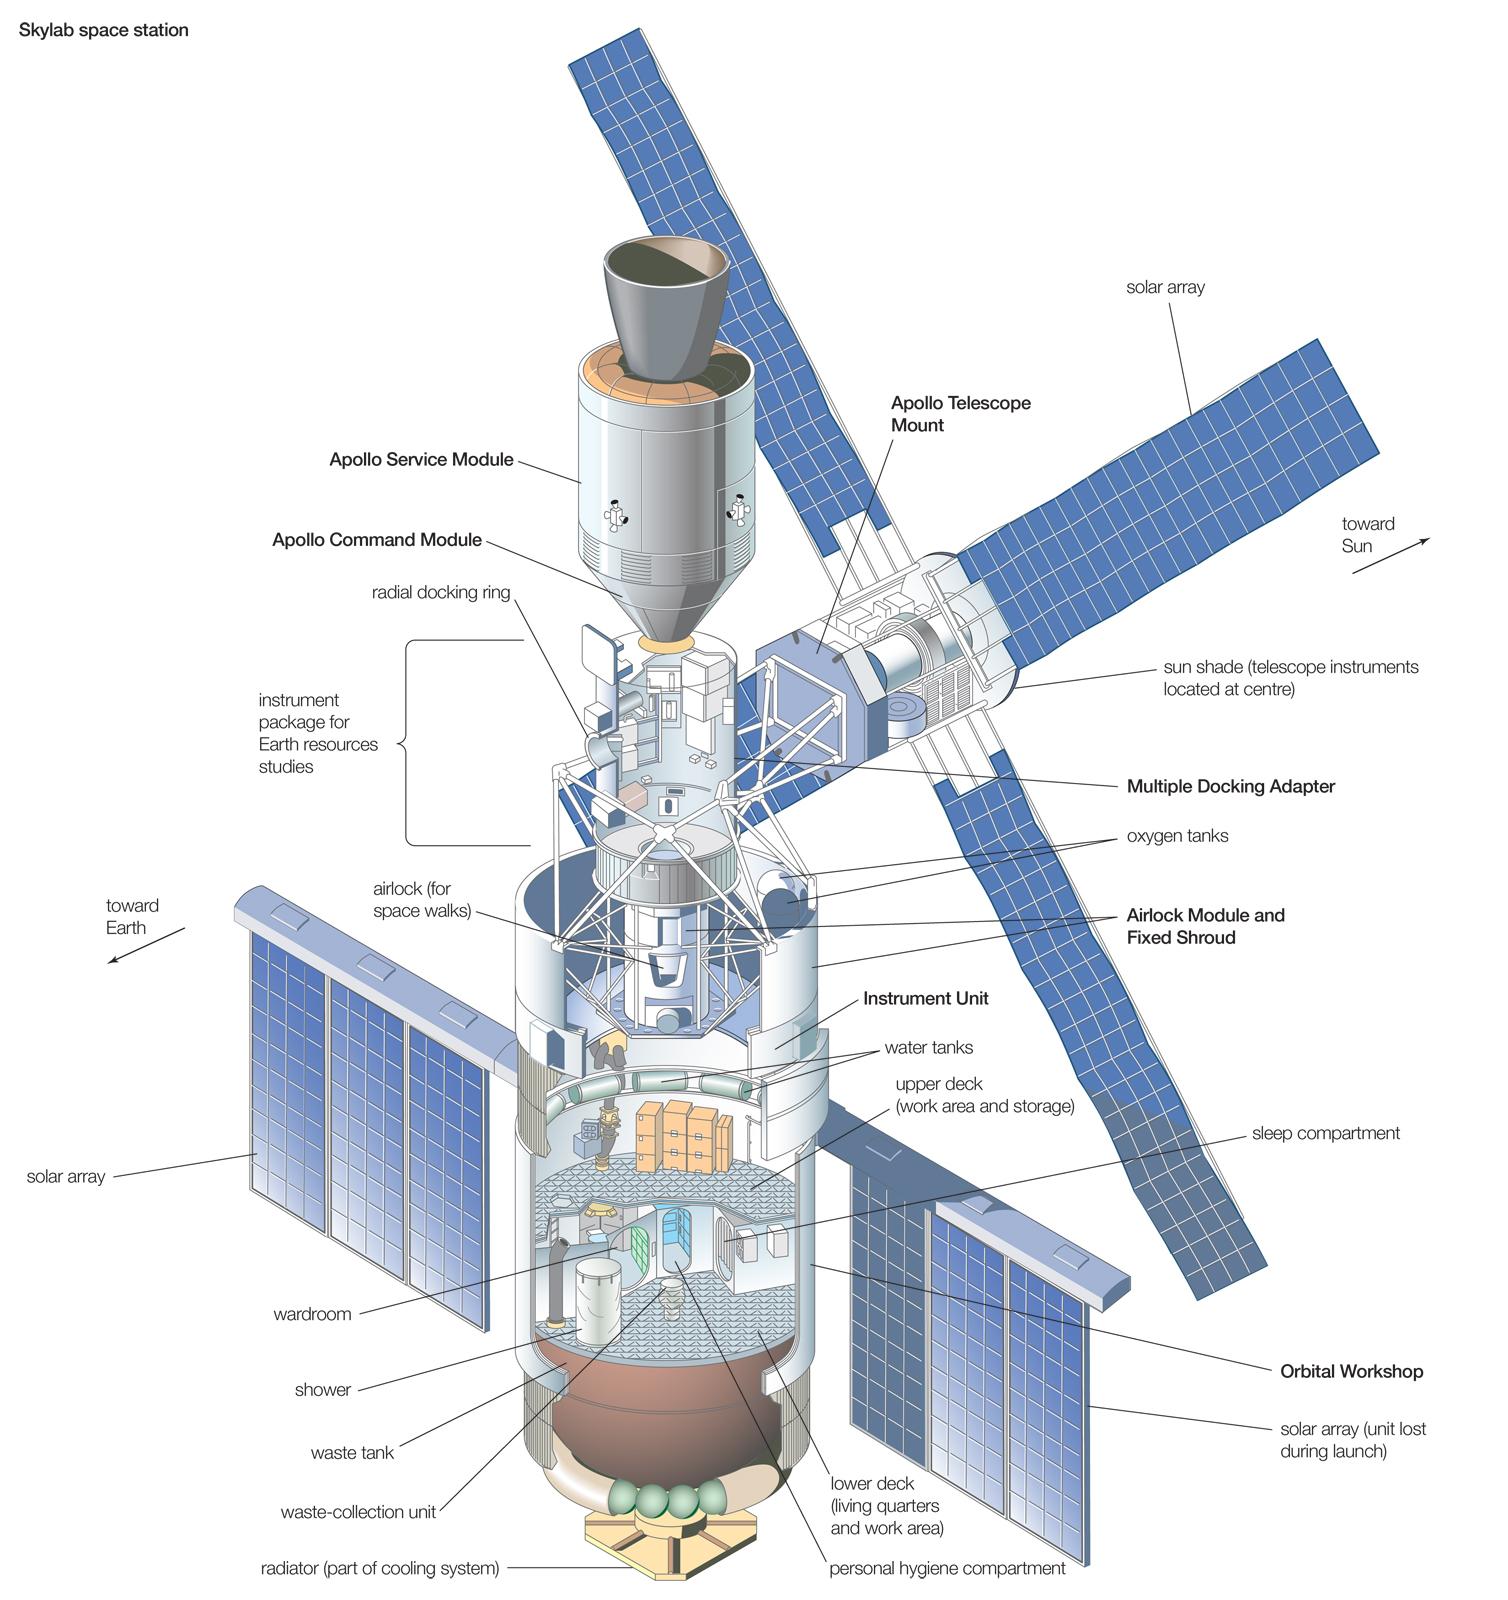 News Spazio Skylab 40 Anni Fa La Prima Stazione Spaziale